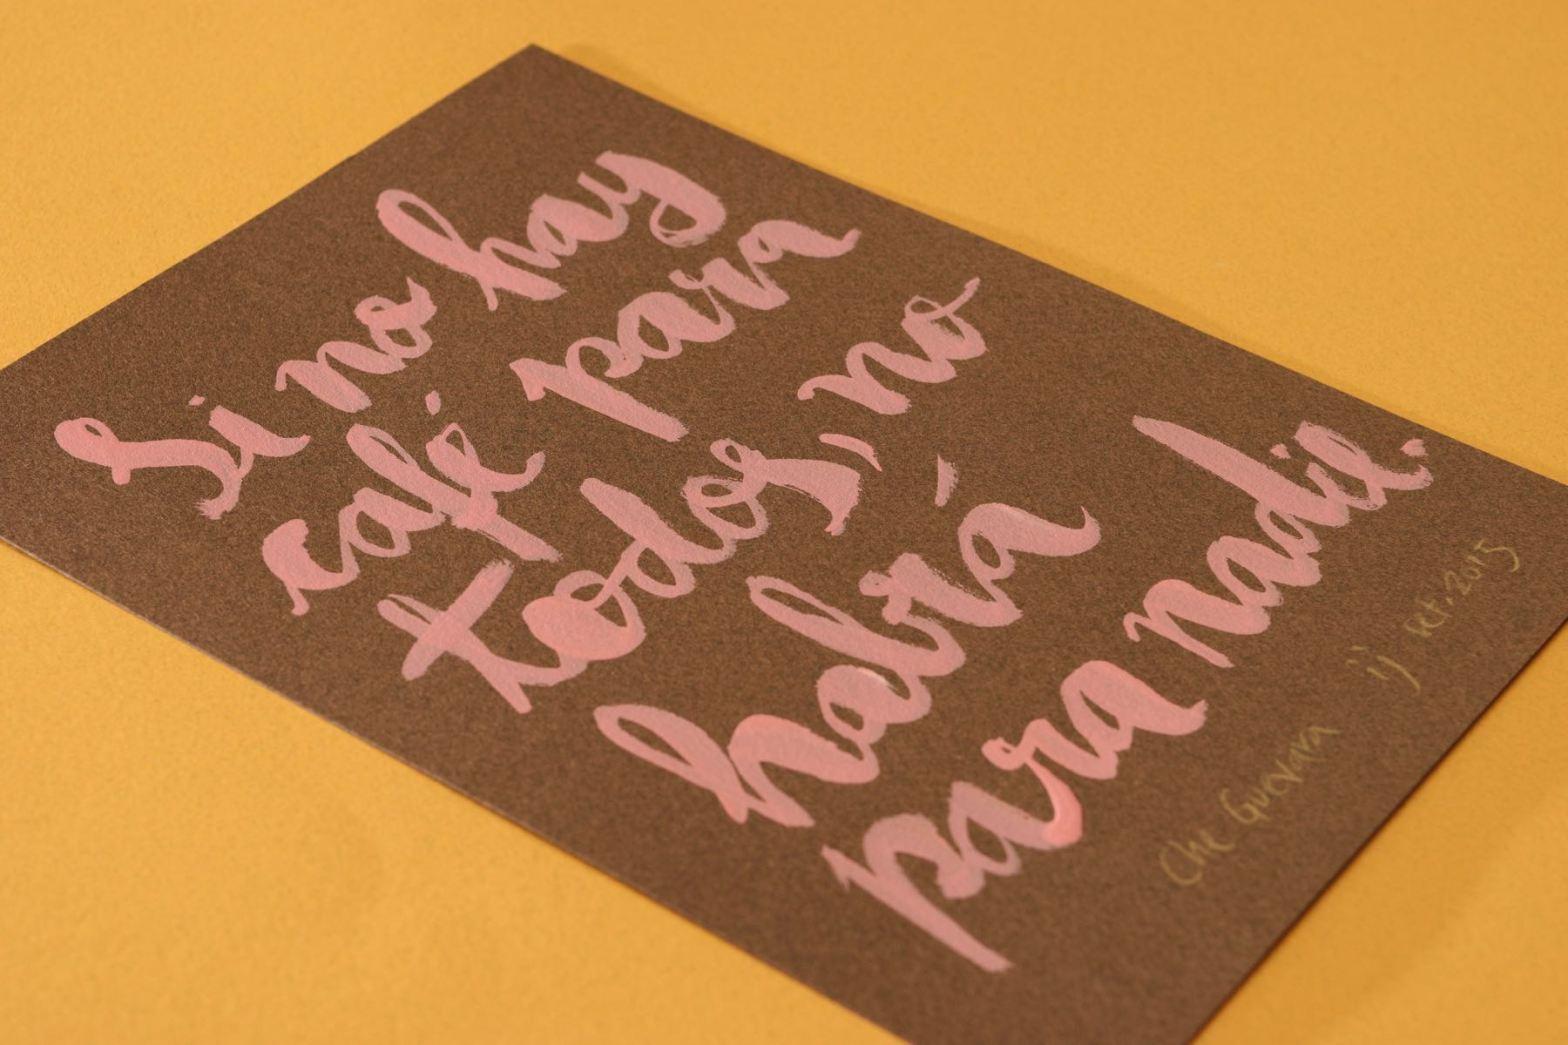 Trabalho de caligrafia em letra cursiva rosa, feita à pincel, sobre papel marrom